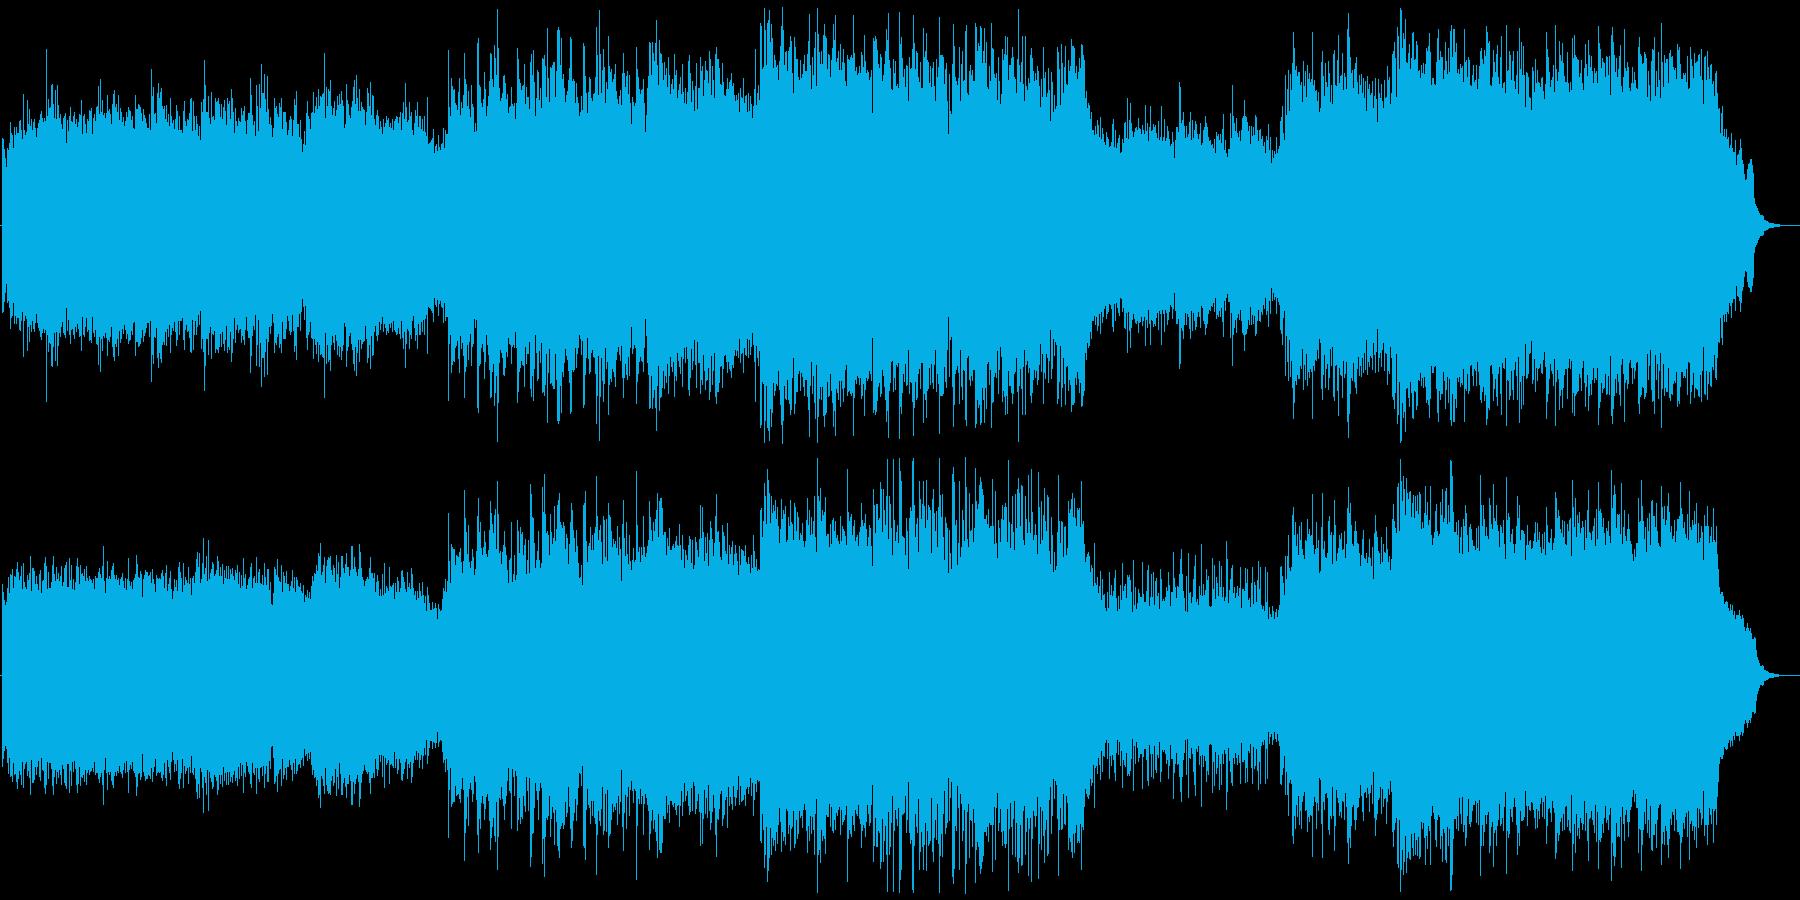 堕落した妖艶ロックの再生済みの波形